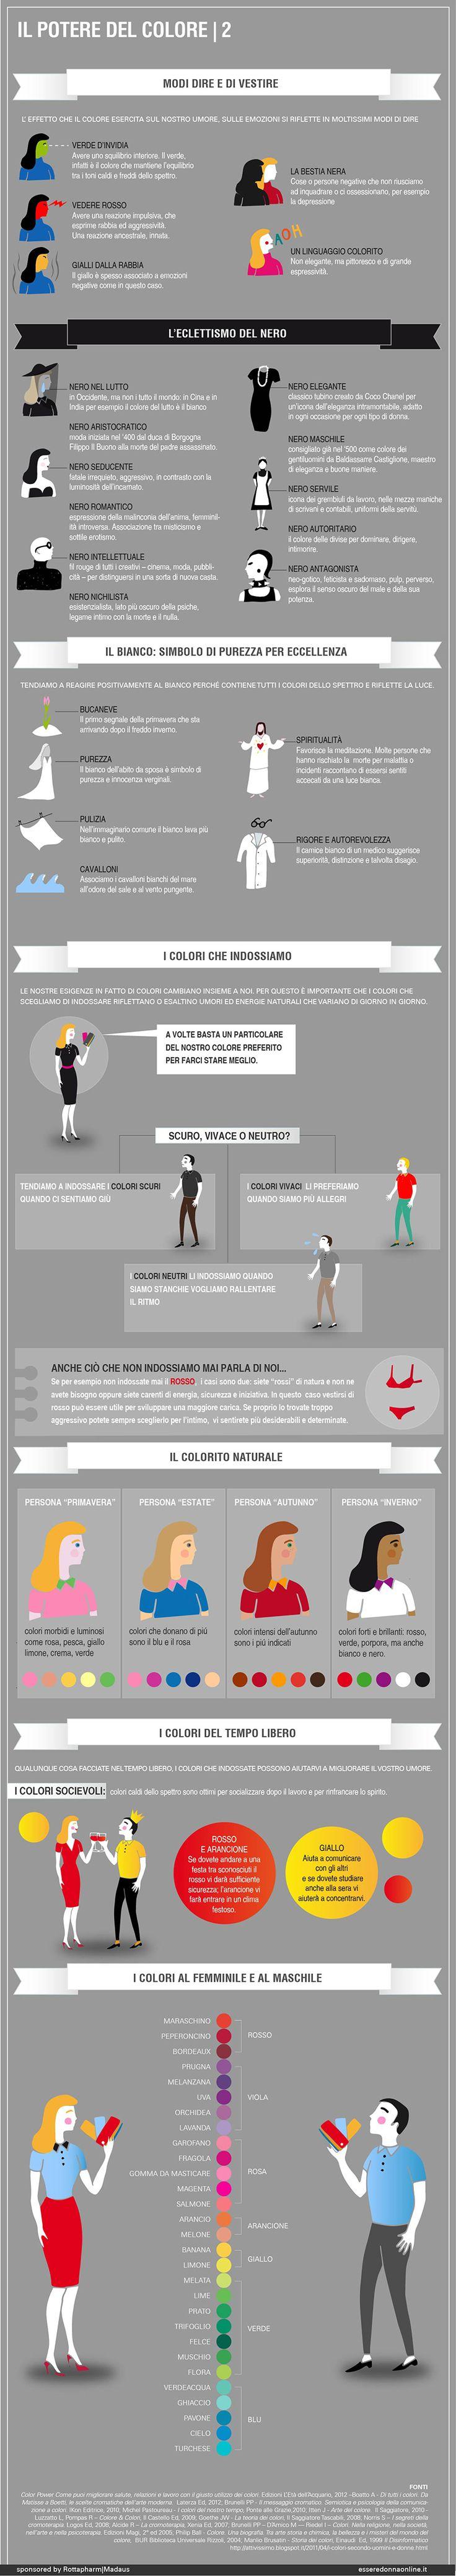 Il potere del colore: Modi di dire e di vestire - esseredonnaonline